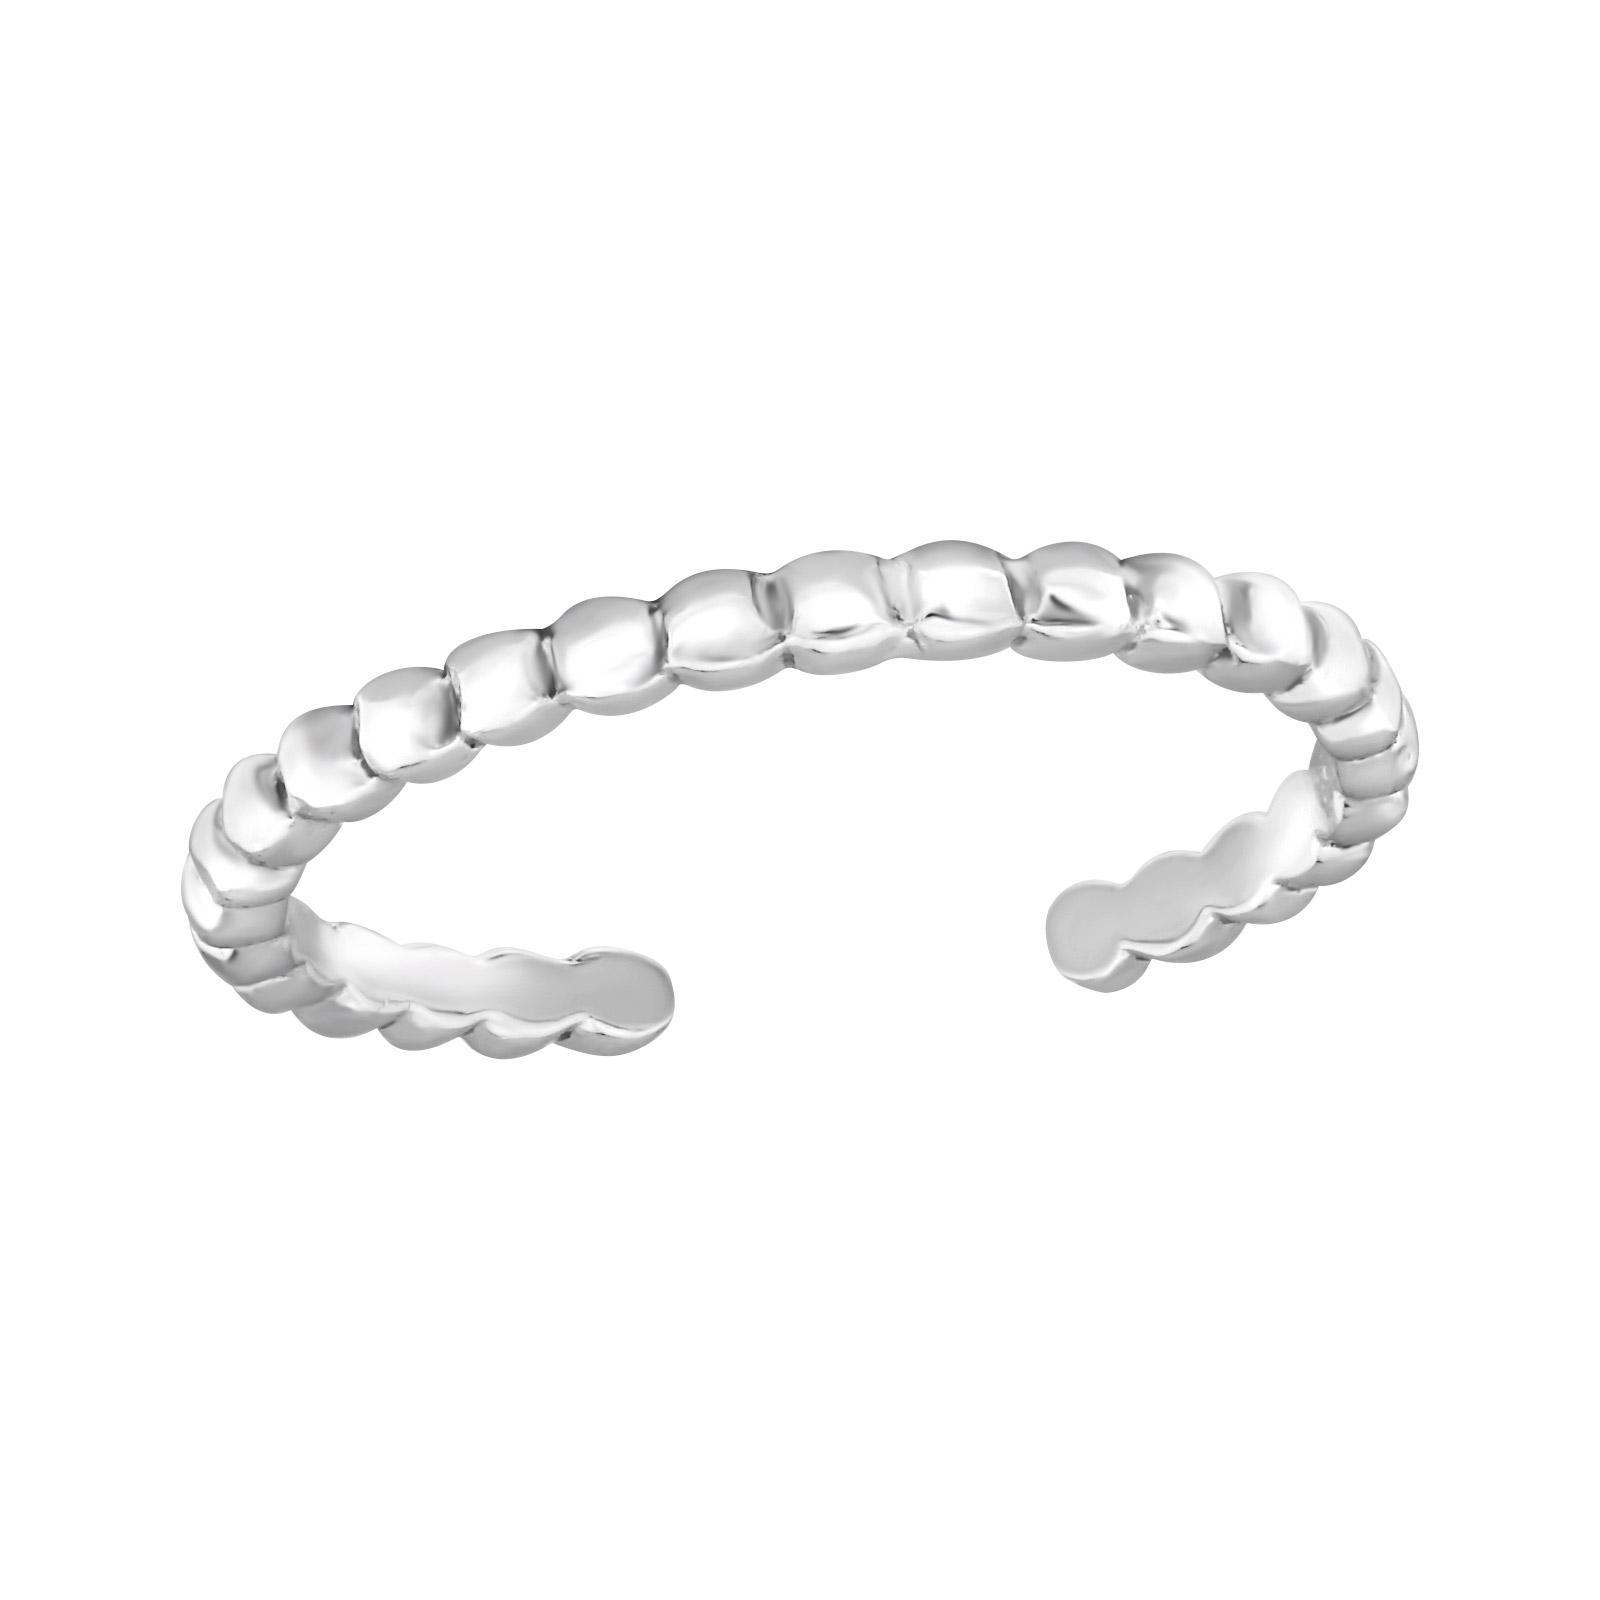 OLIVIE Strieborný prsteň na nohu 2095 Ag 925; ≤0,7 g.